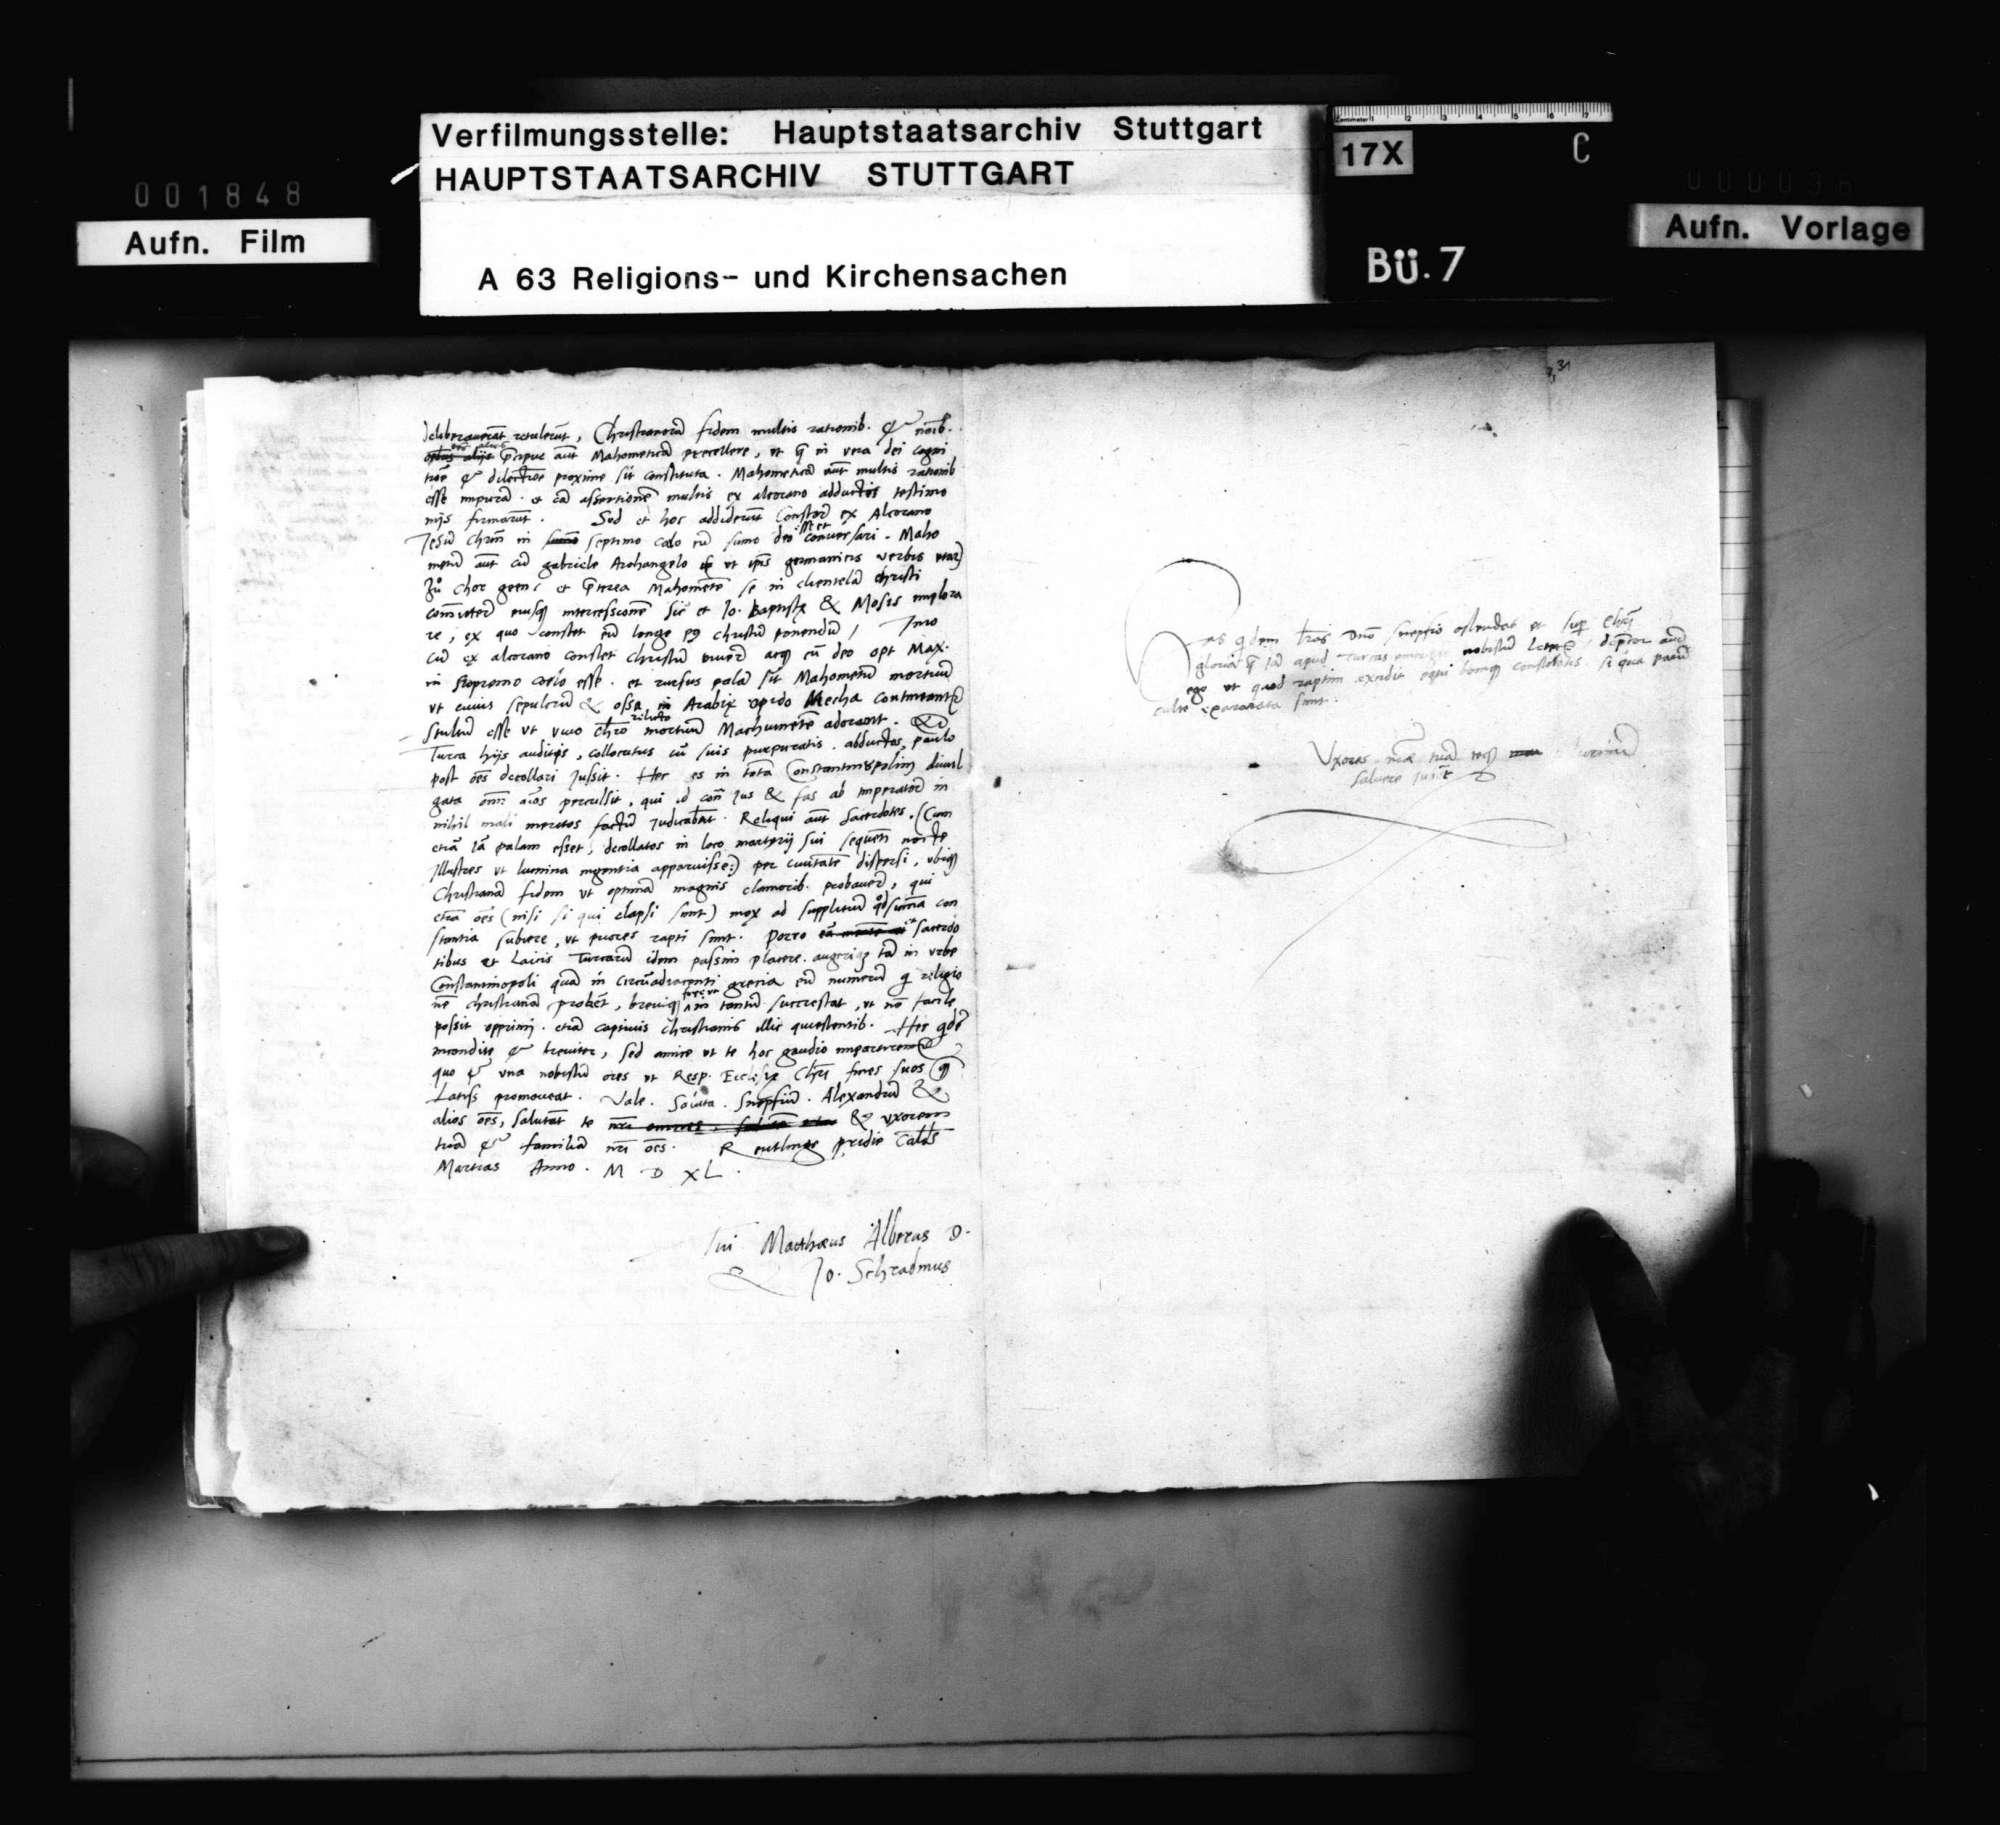 Schreiben des M. Alber und Johann Schradinus, betreffend Zeitungen über das Aufkommen des Christentums in der Türkei., Bild 2